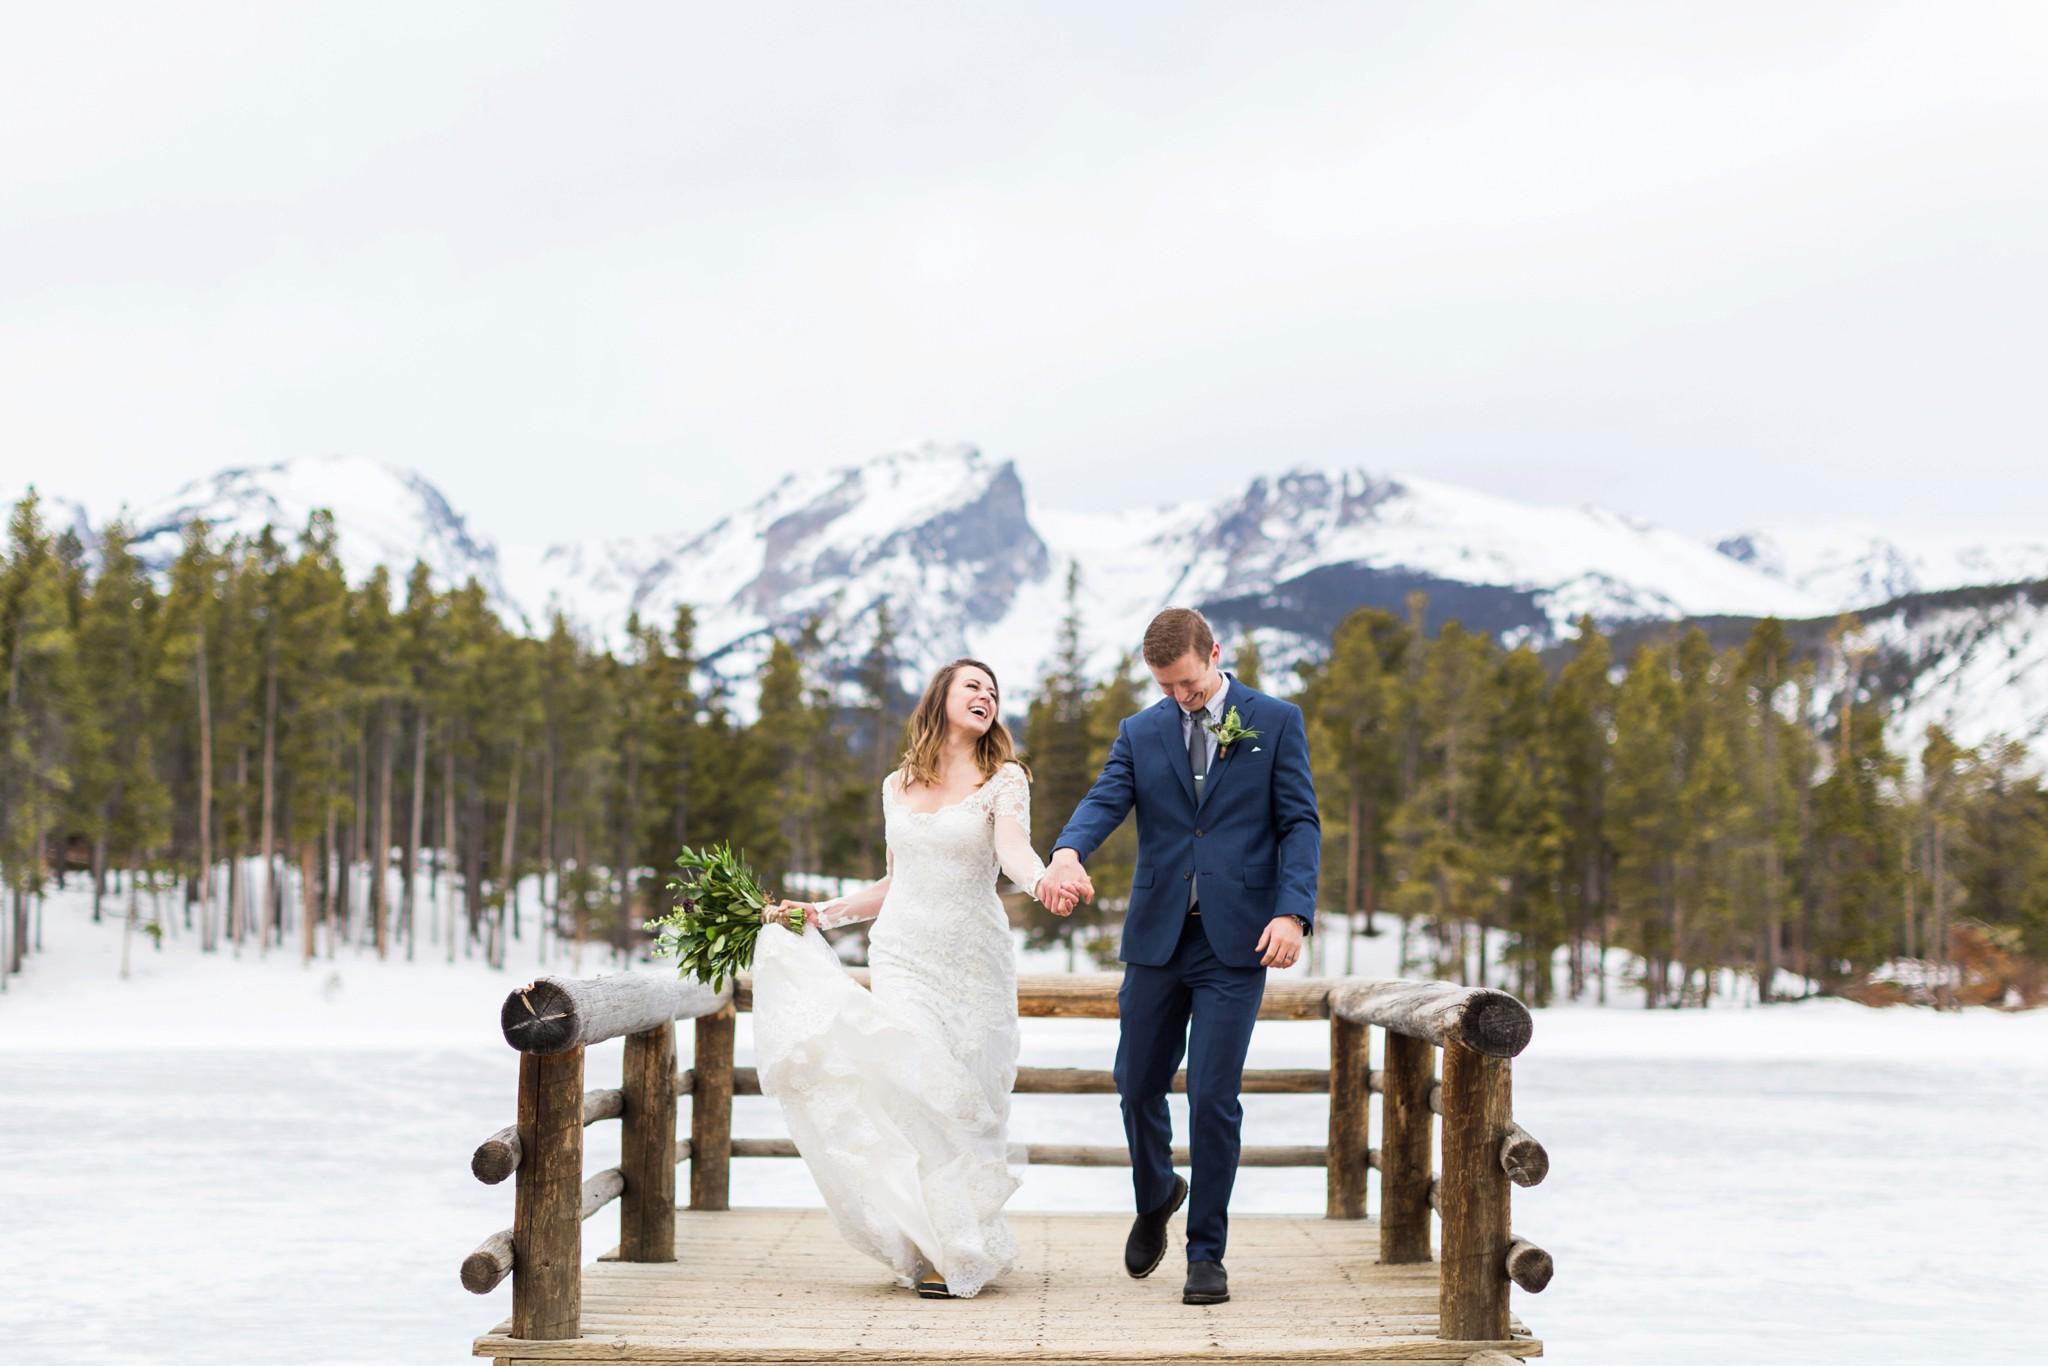 Rocky_Mountain_National_Park_Elopement_Photographers.JPG